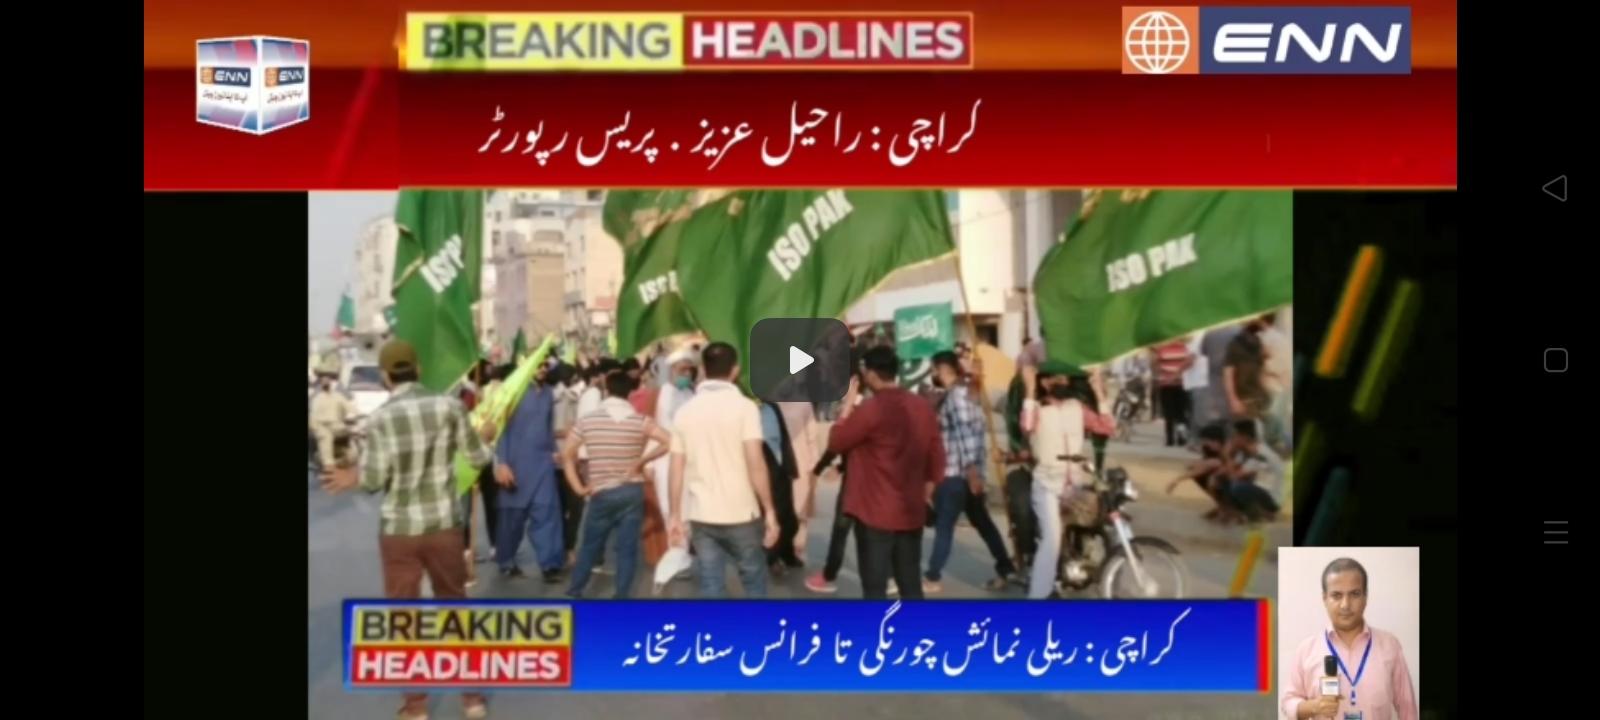 کراچی : ریلی نمائش چورنگی تا فرانس سفارتخانہ